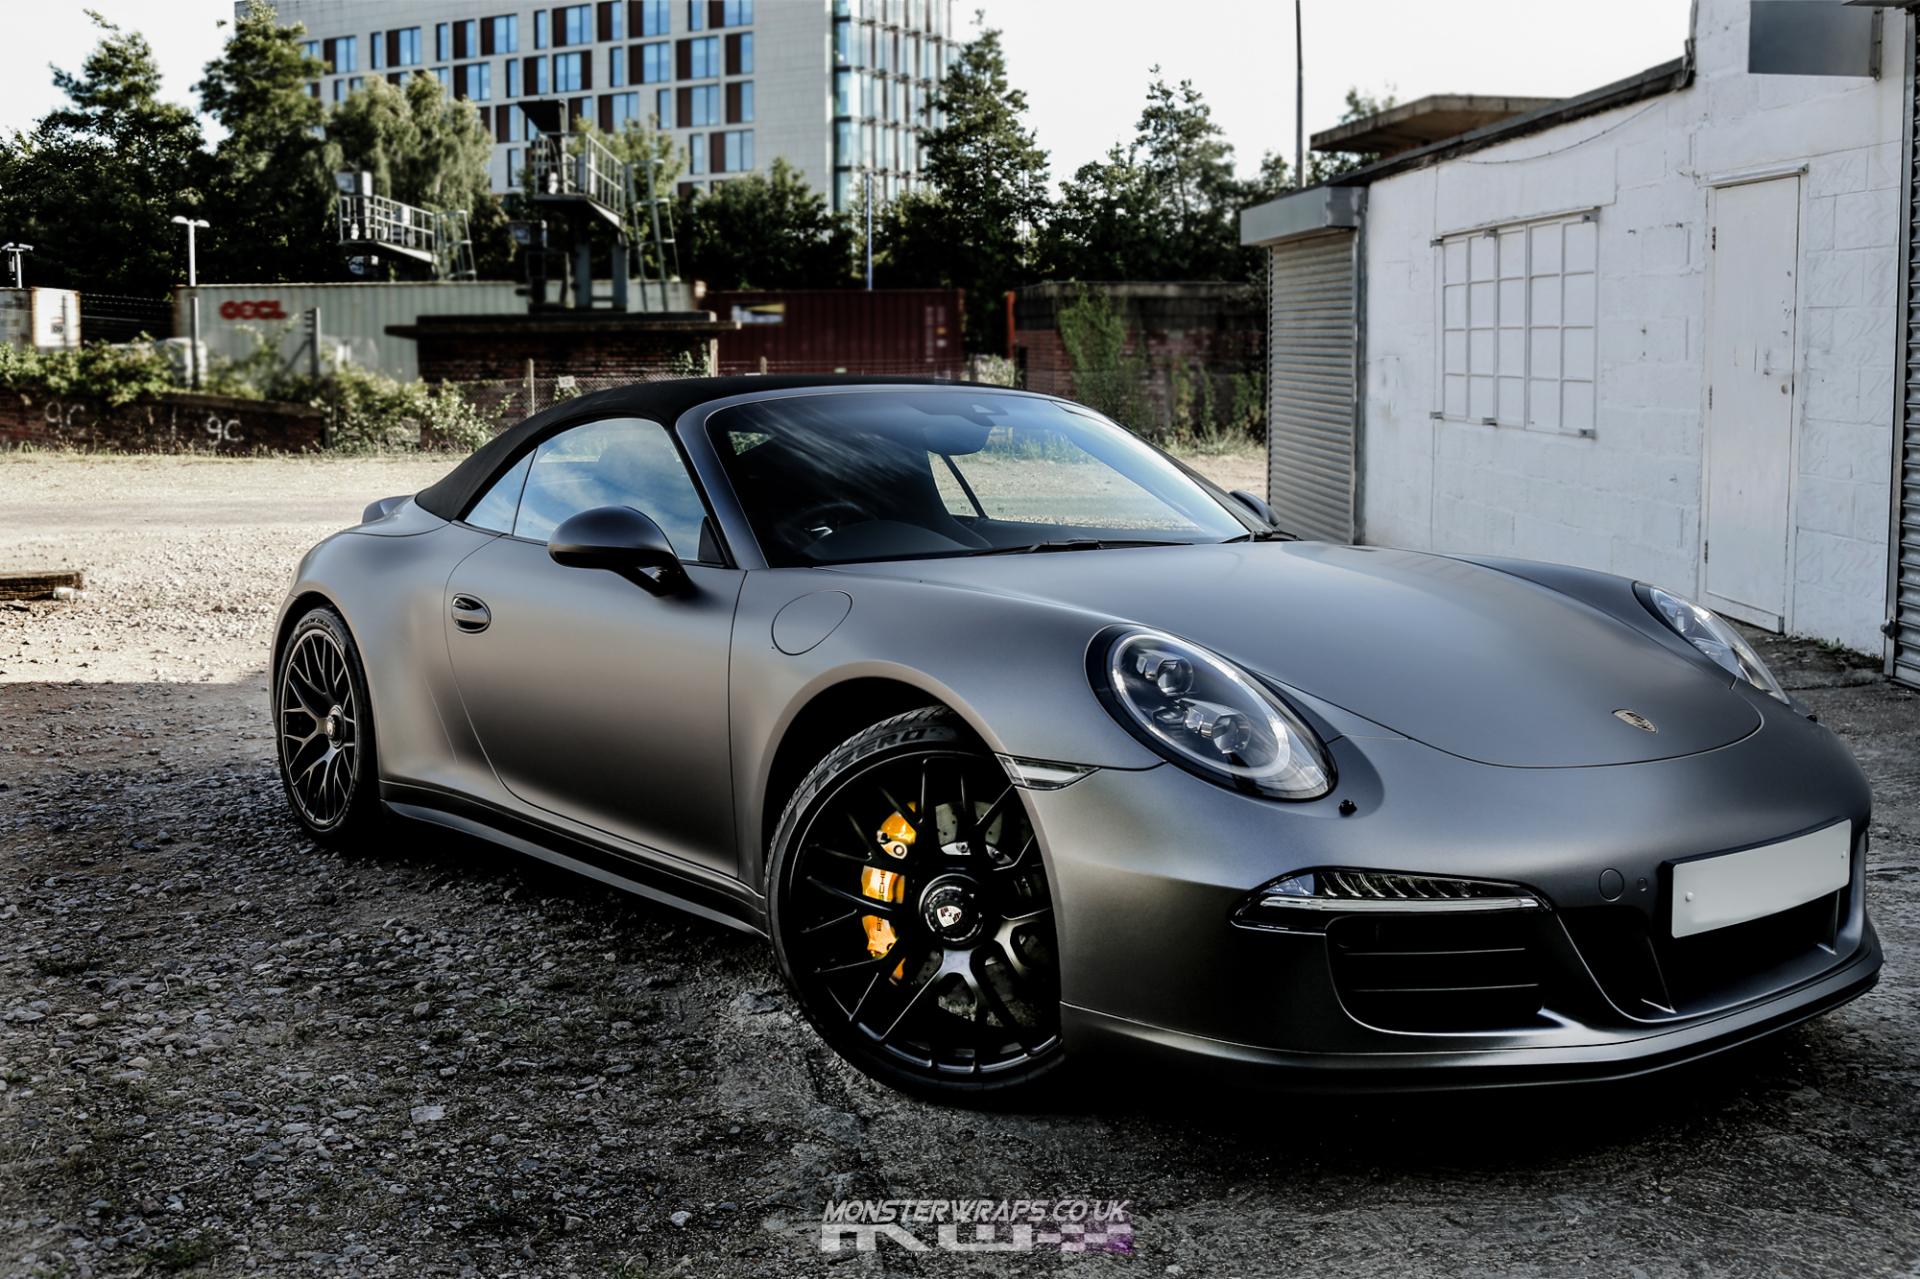 Porsche 911 GTS Satin dark grey wrap monsterwraps southampton